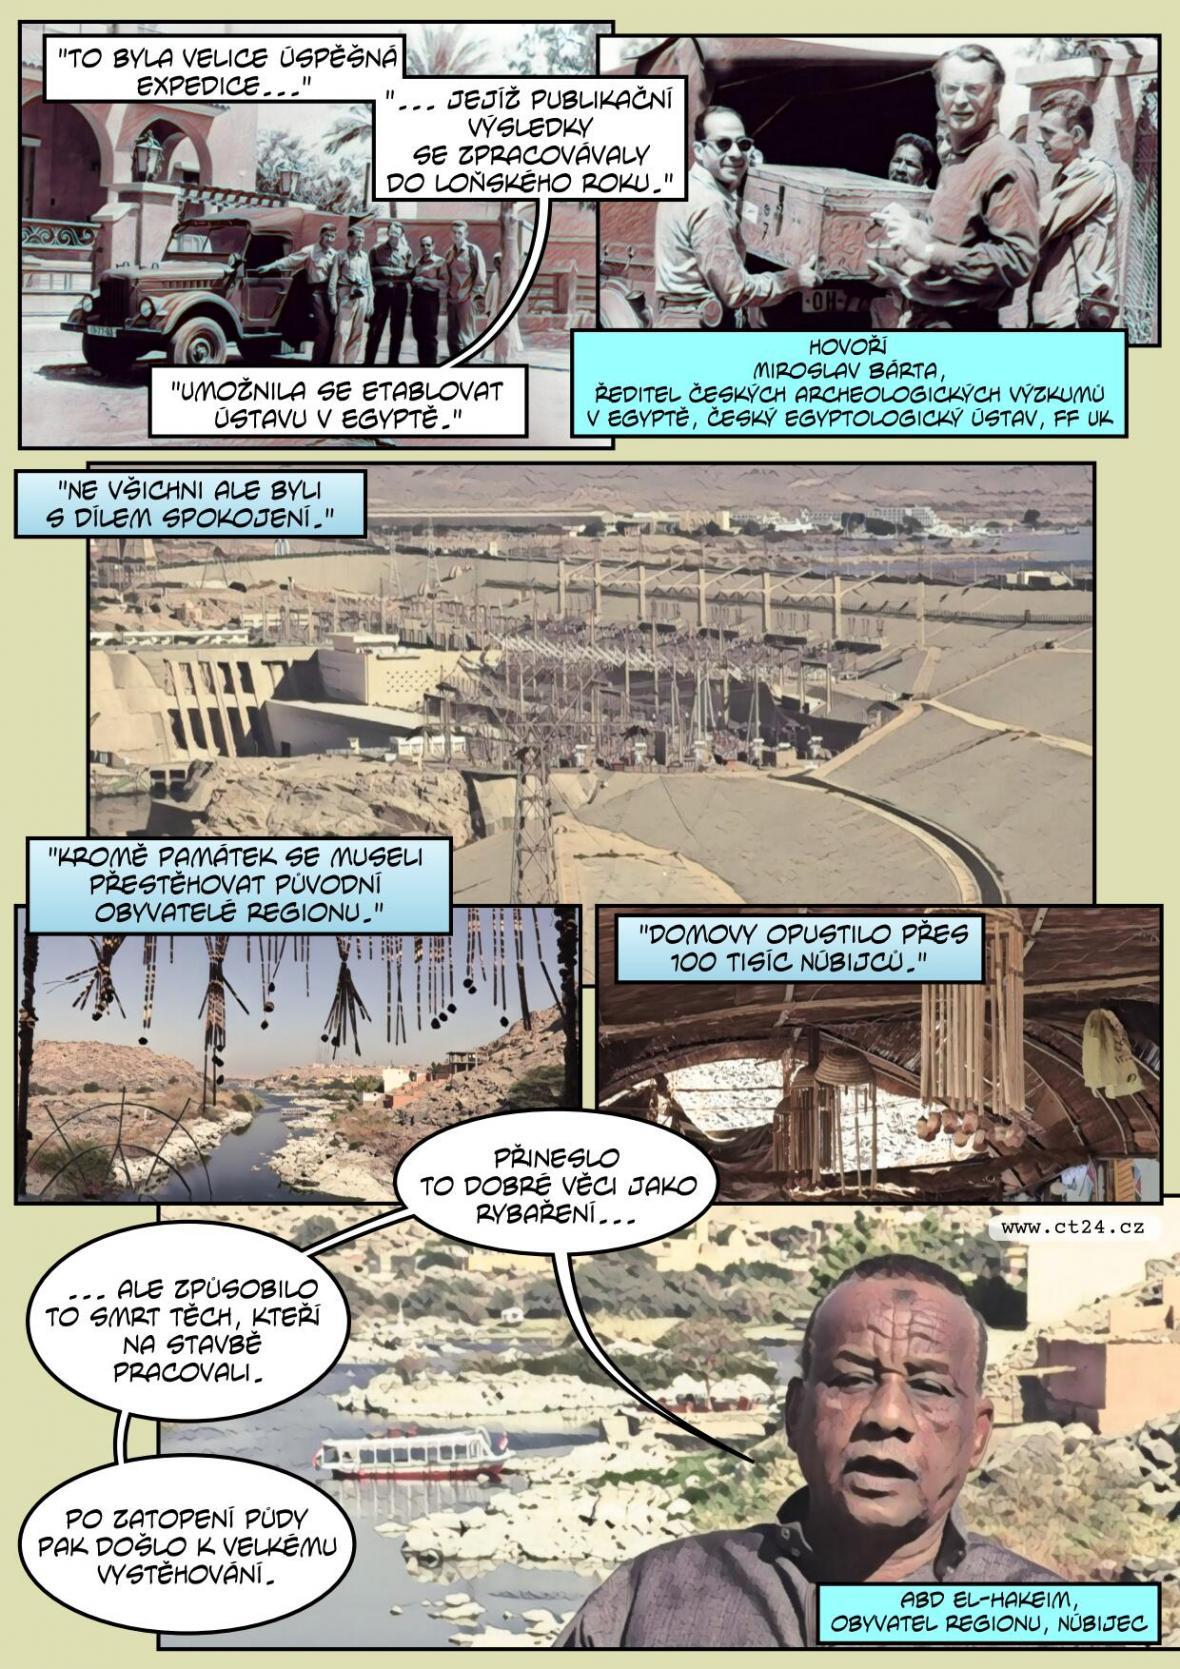 Hráz, která zkrotila Nil a zatopila údolí Abú Simbelu. Egyptu se stavbou Vysoké asuánské přehrady pomáhal Chruščov